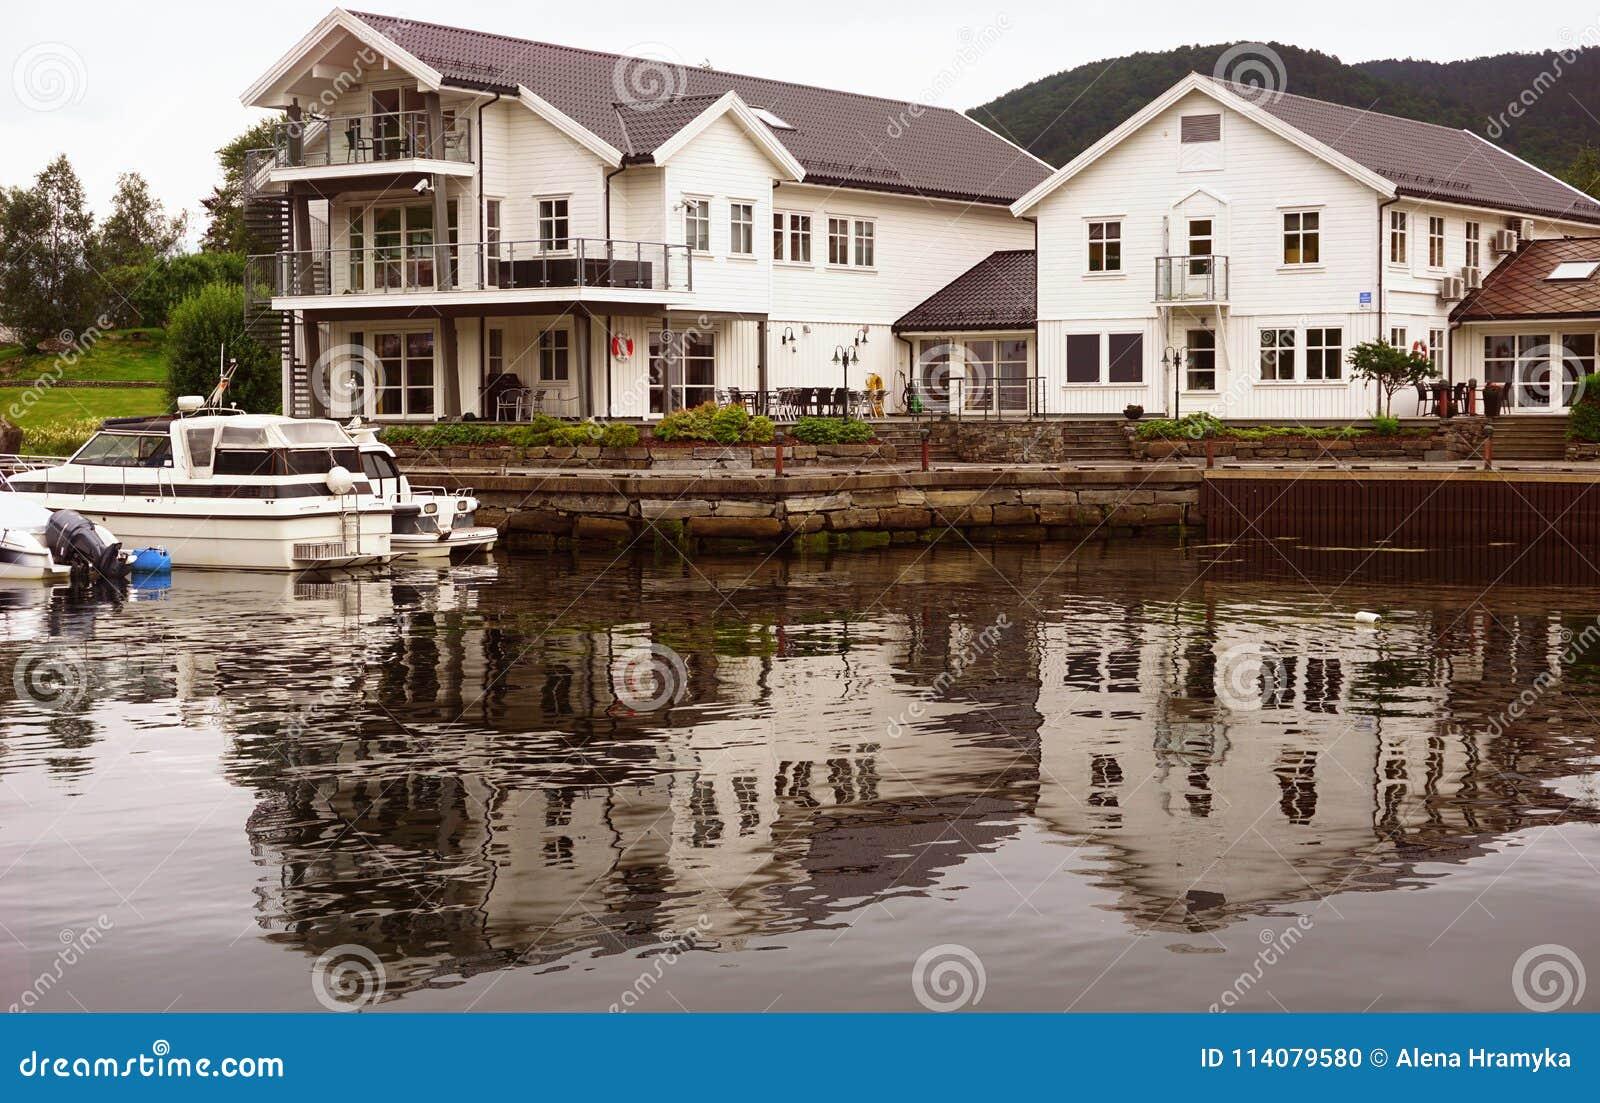 Casas blancas noruegas en la orilla del fiordo, arquitectura escandinava clásica